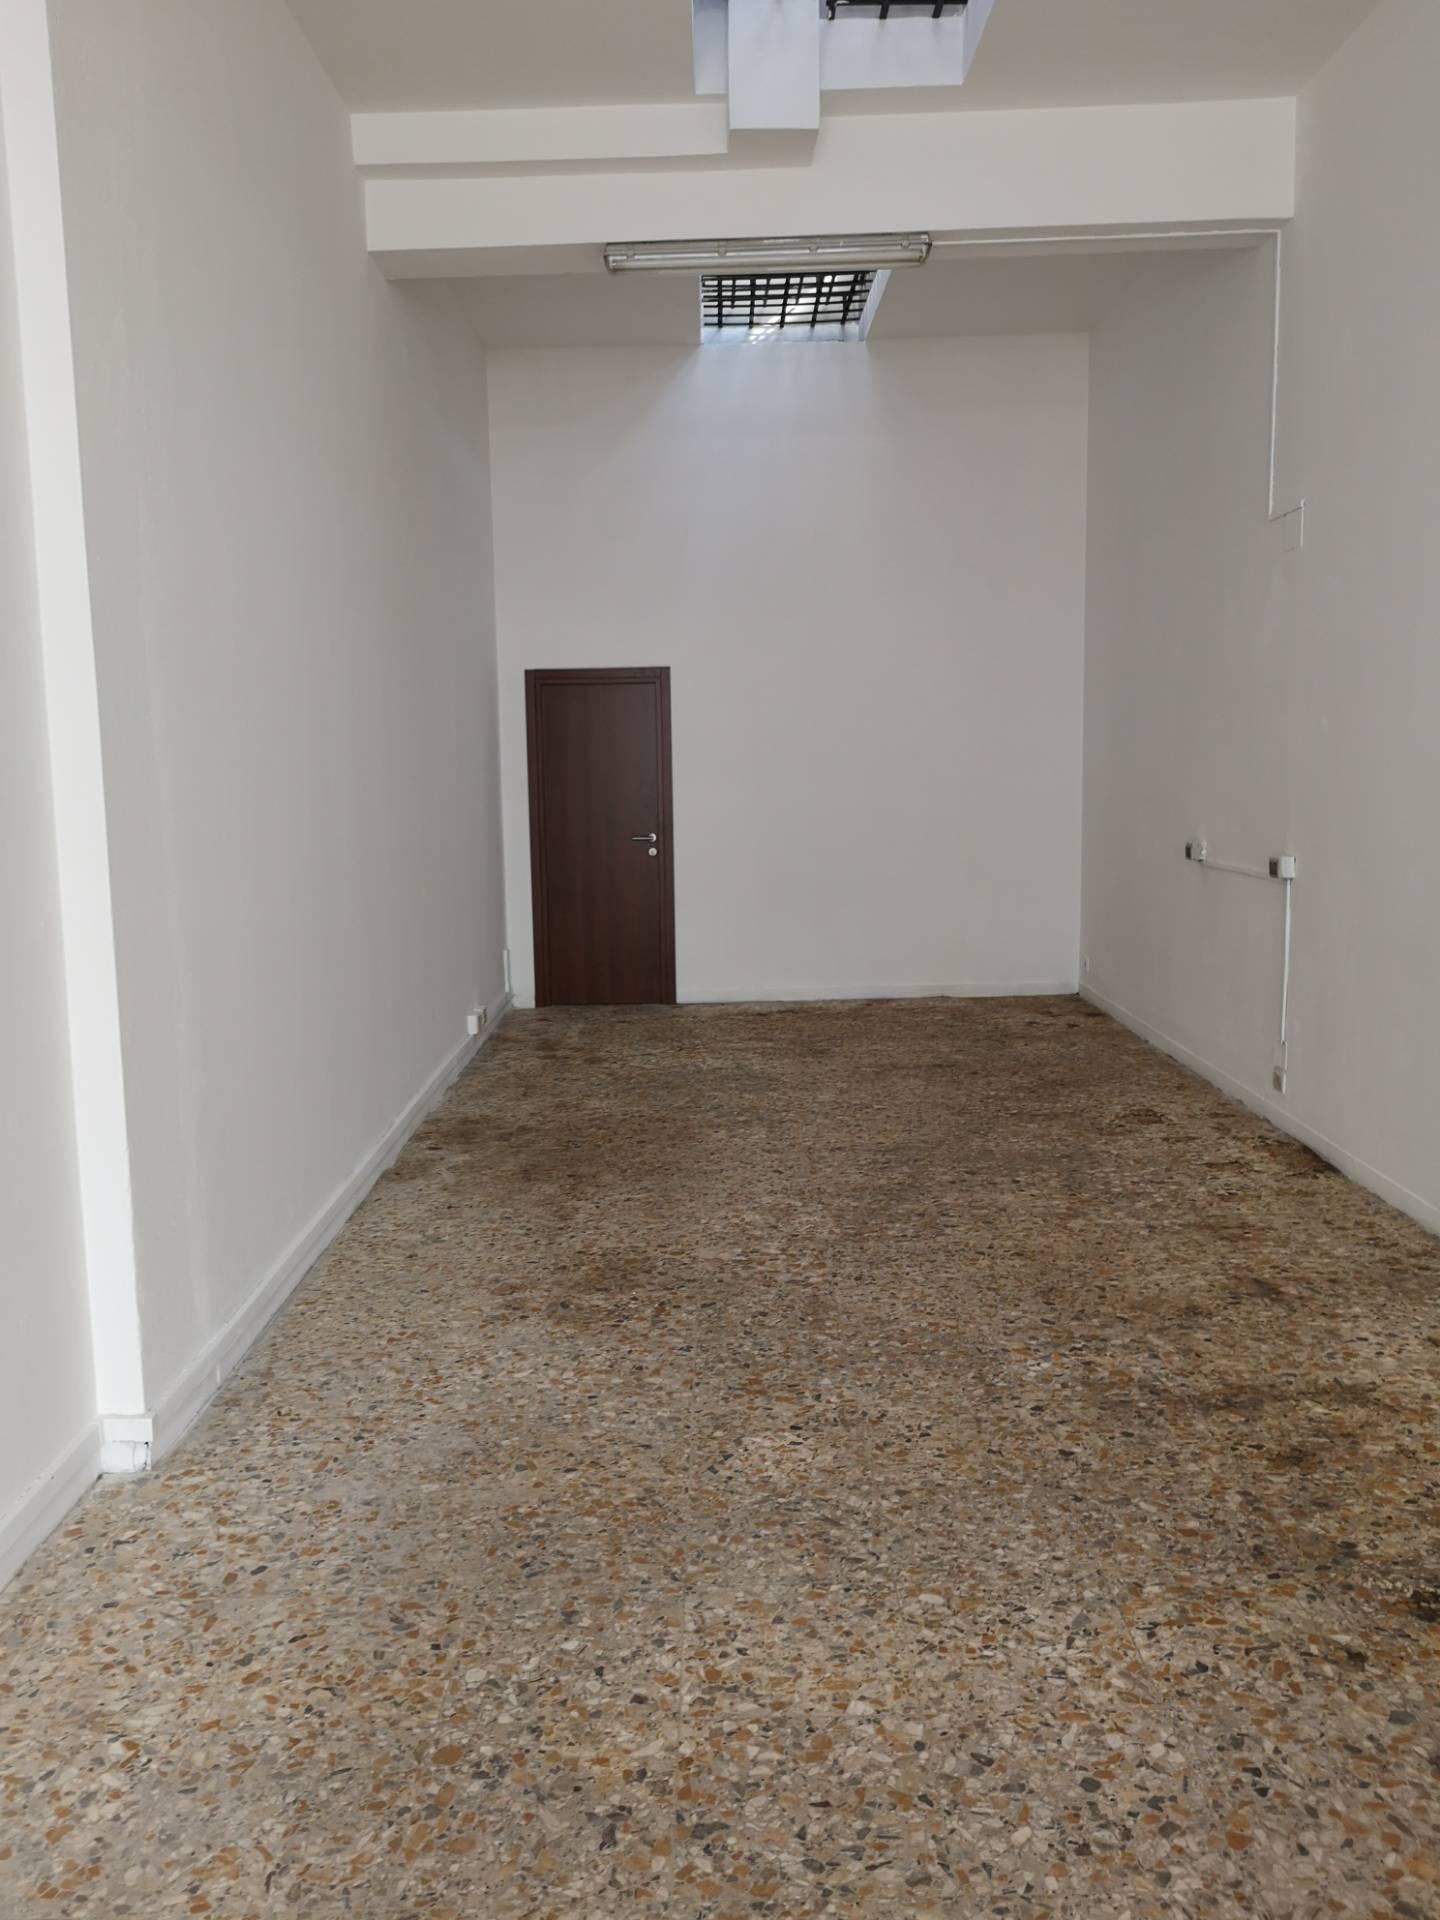 Magazzino in affitto a Ravenna, 9999 locali, zona Zona: Darsena, prezzo € 450   CambioCasa.it